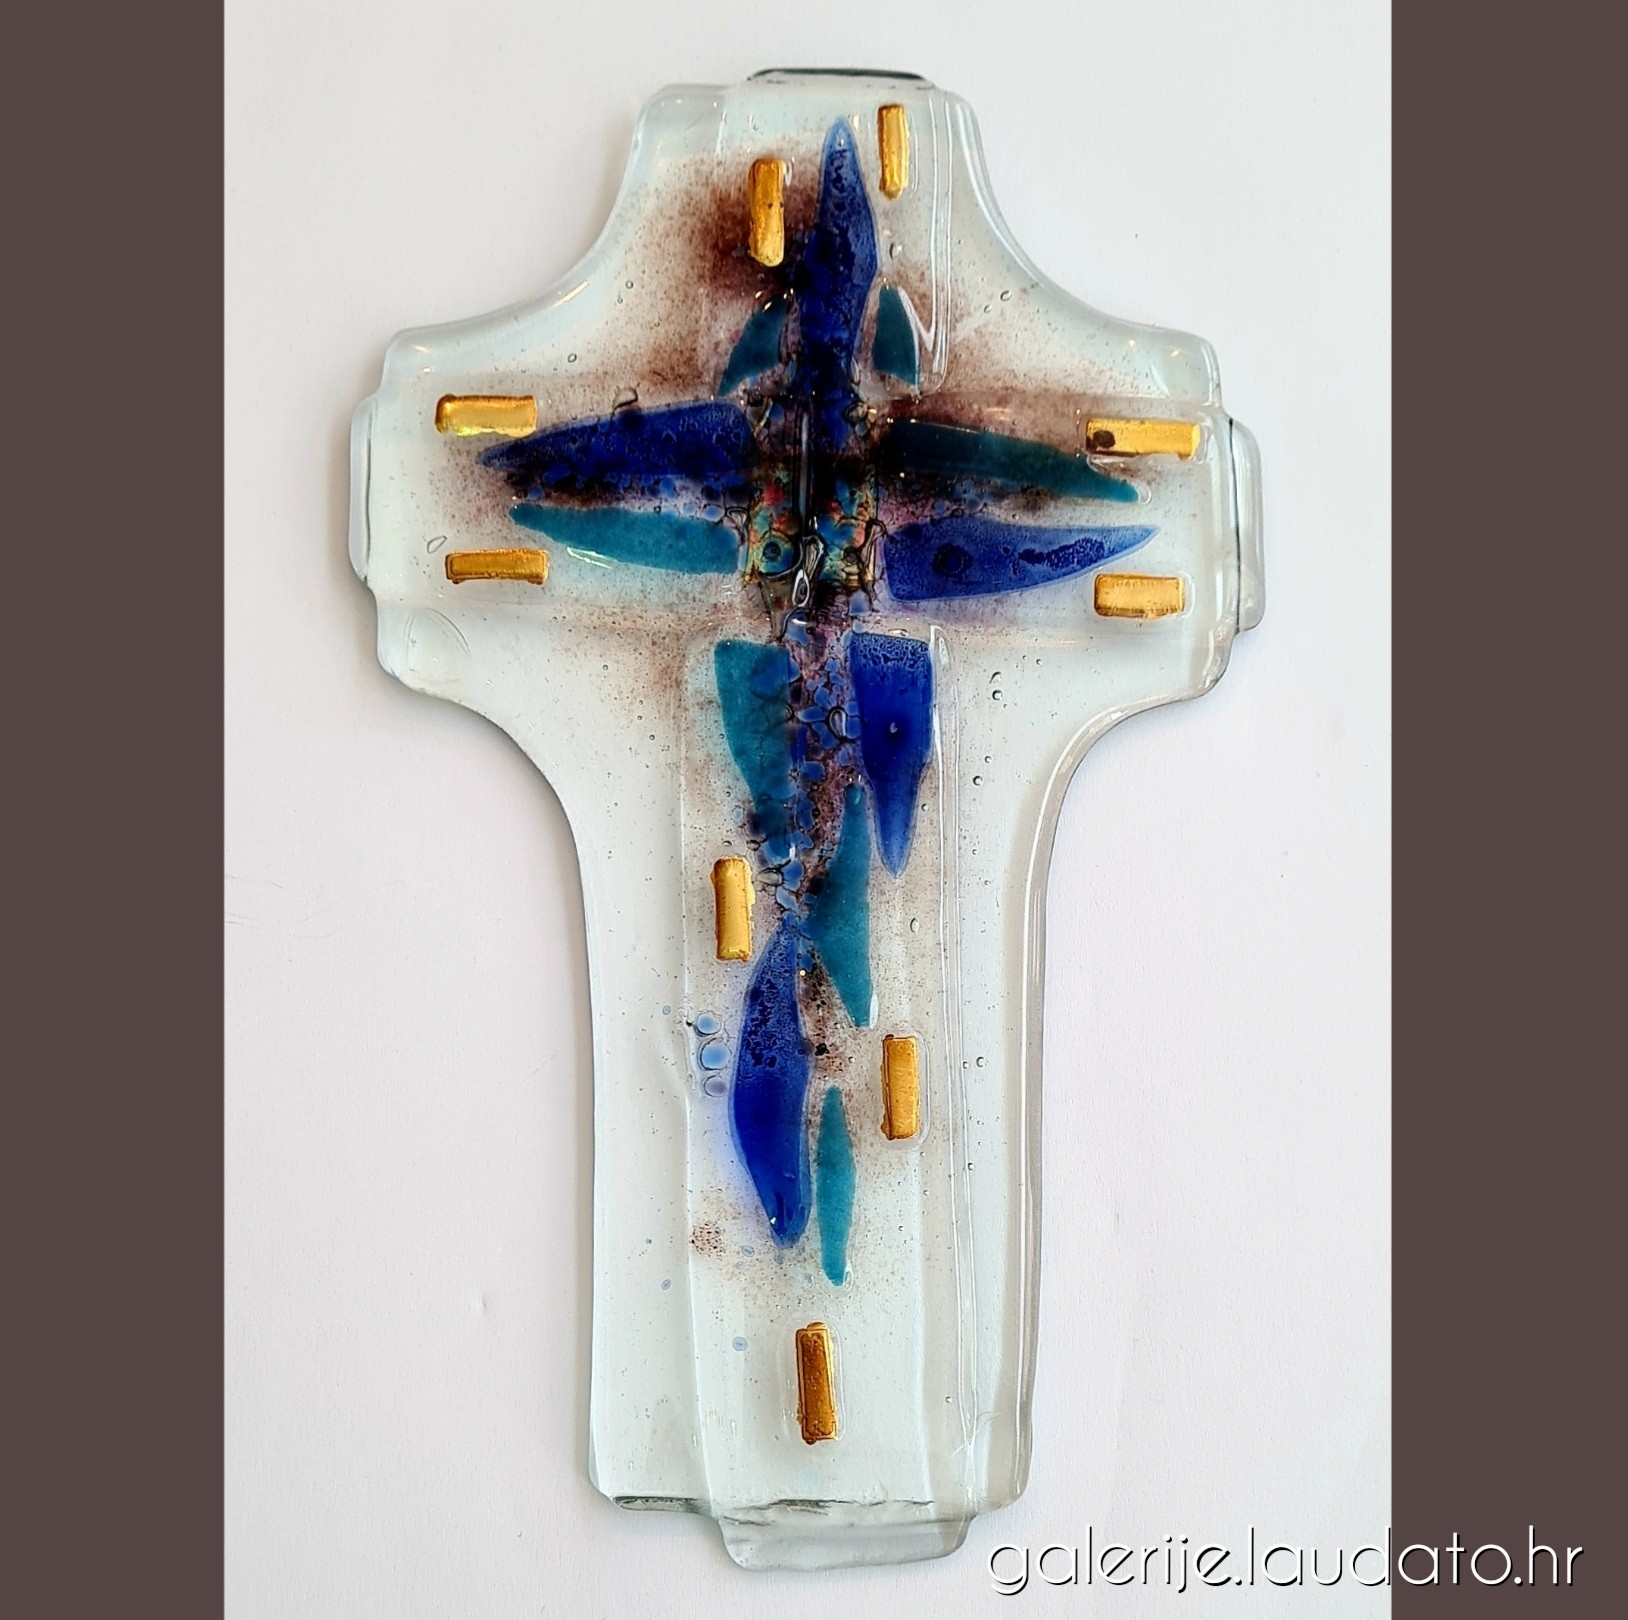 Daruješ nas radošću i svježinom Duha